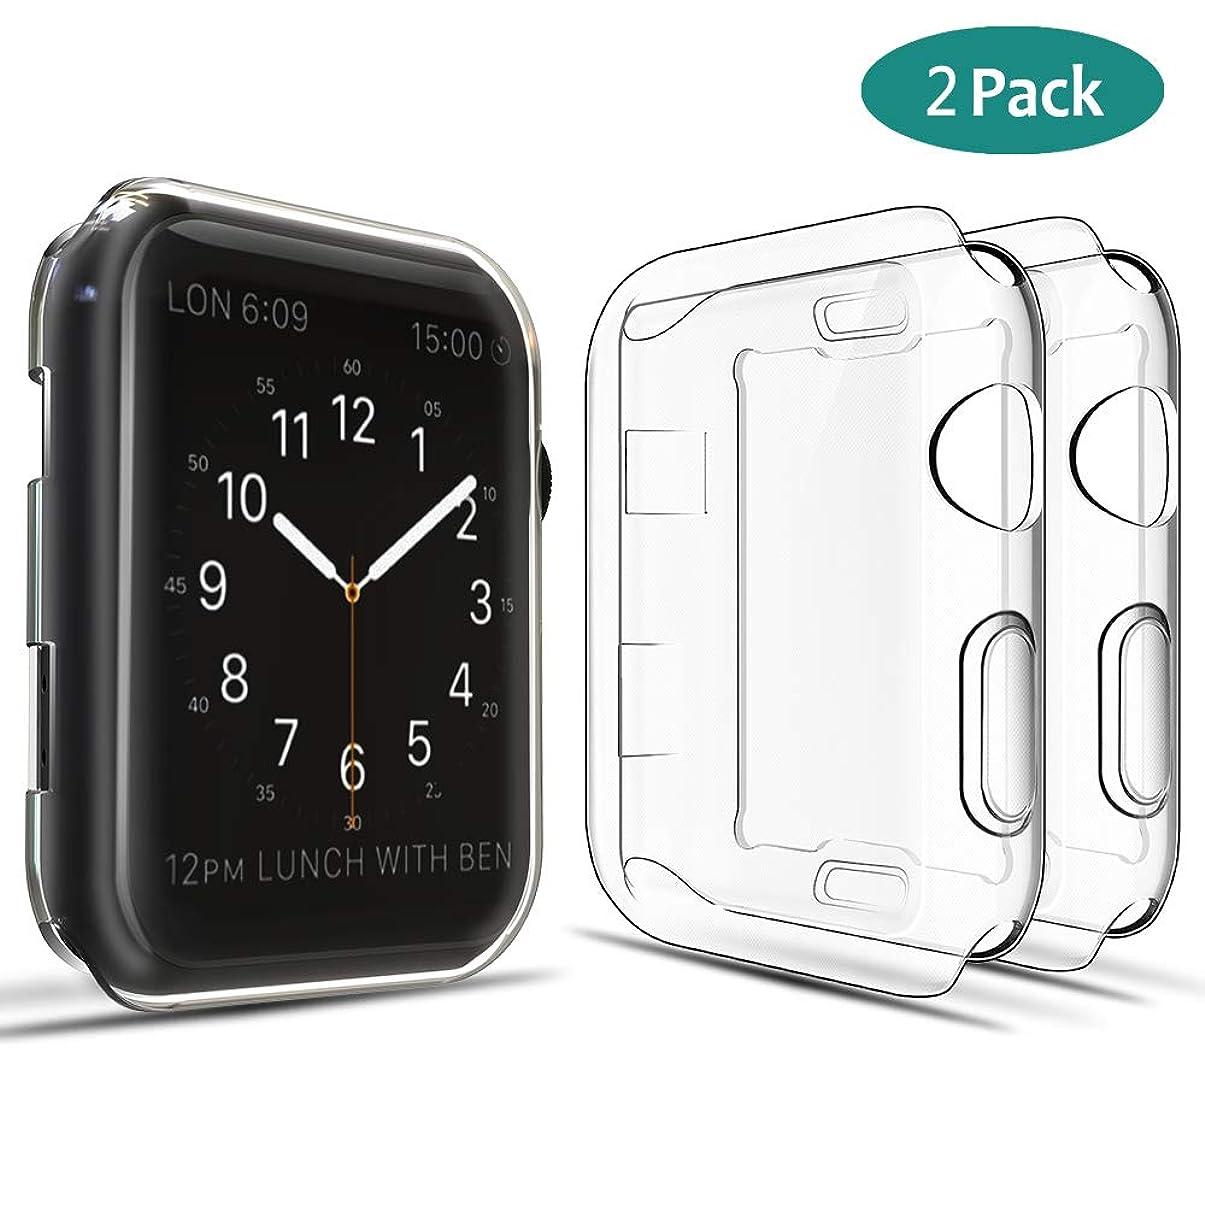 レシピ高度対抗GeeRic Apple Watch Series 4 44mm 対応 ケース アップルウォッチ シリーズ 4 44mm 対応 カバー 2枚 透明ケース 全面保護 耐衝撃 高透過率 軽量 スクリーン カバー ソフト 柔らかい 薄型 クリア